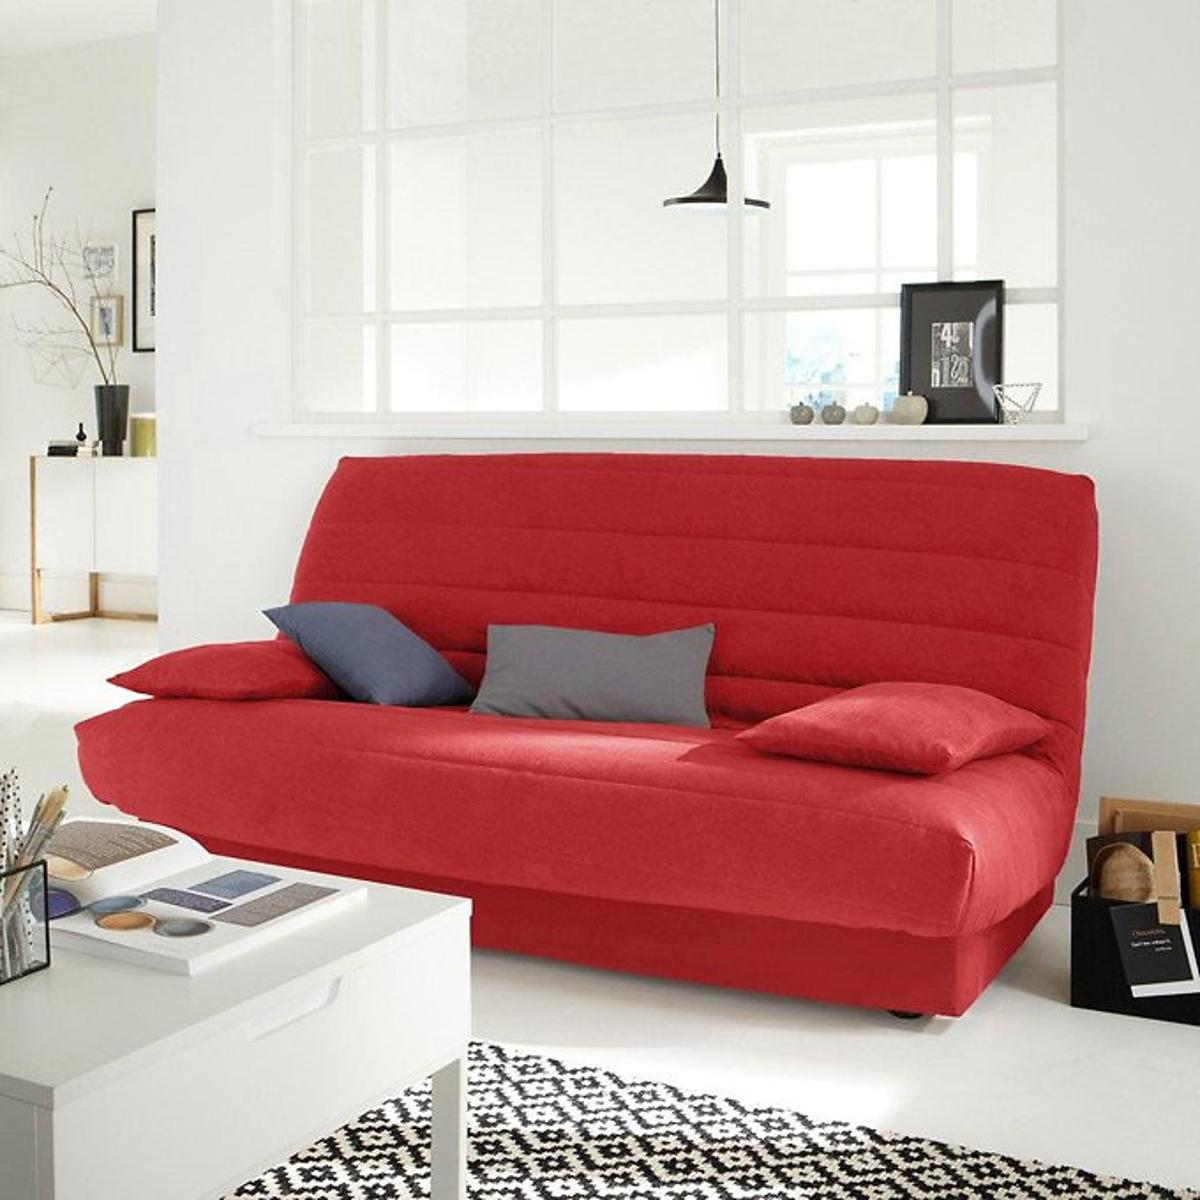 Чехол LaRedoute Для раскладного дивана из искусственной замши единый размер красный